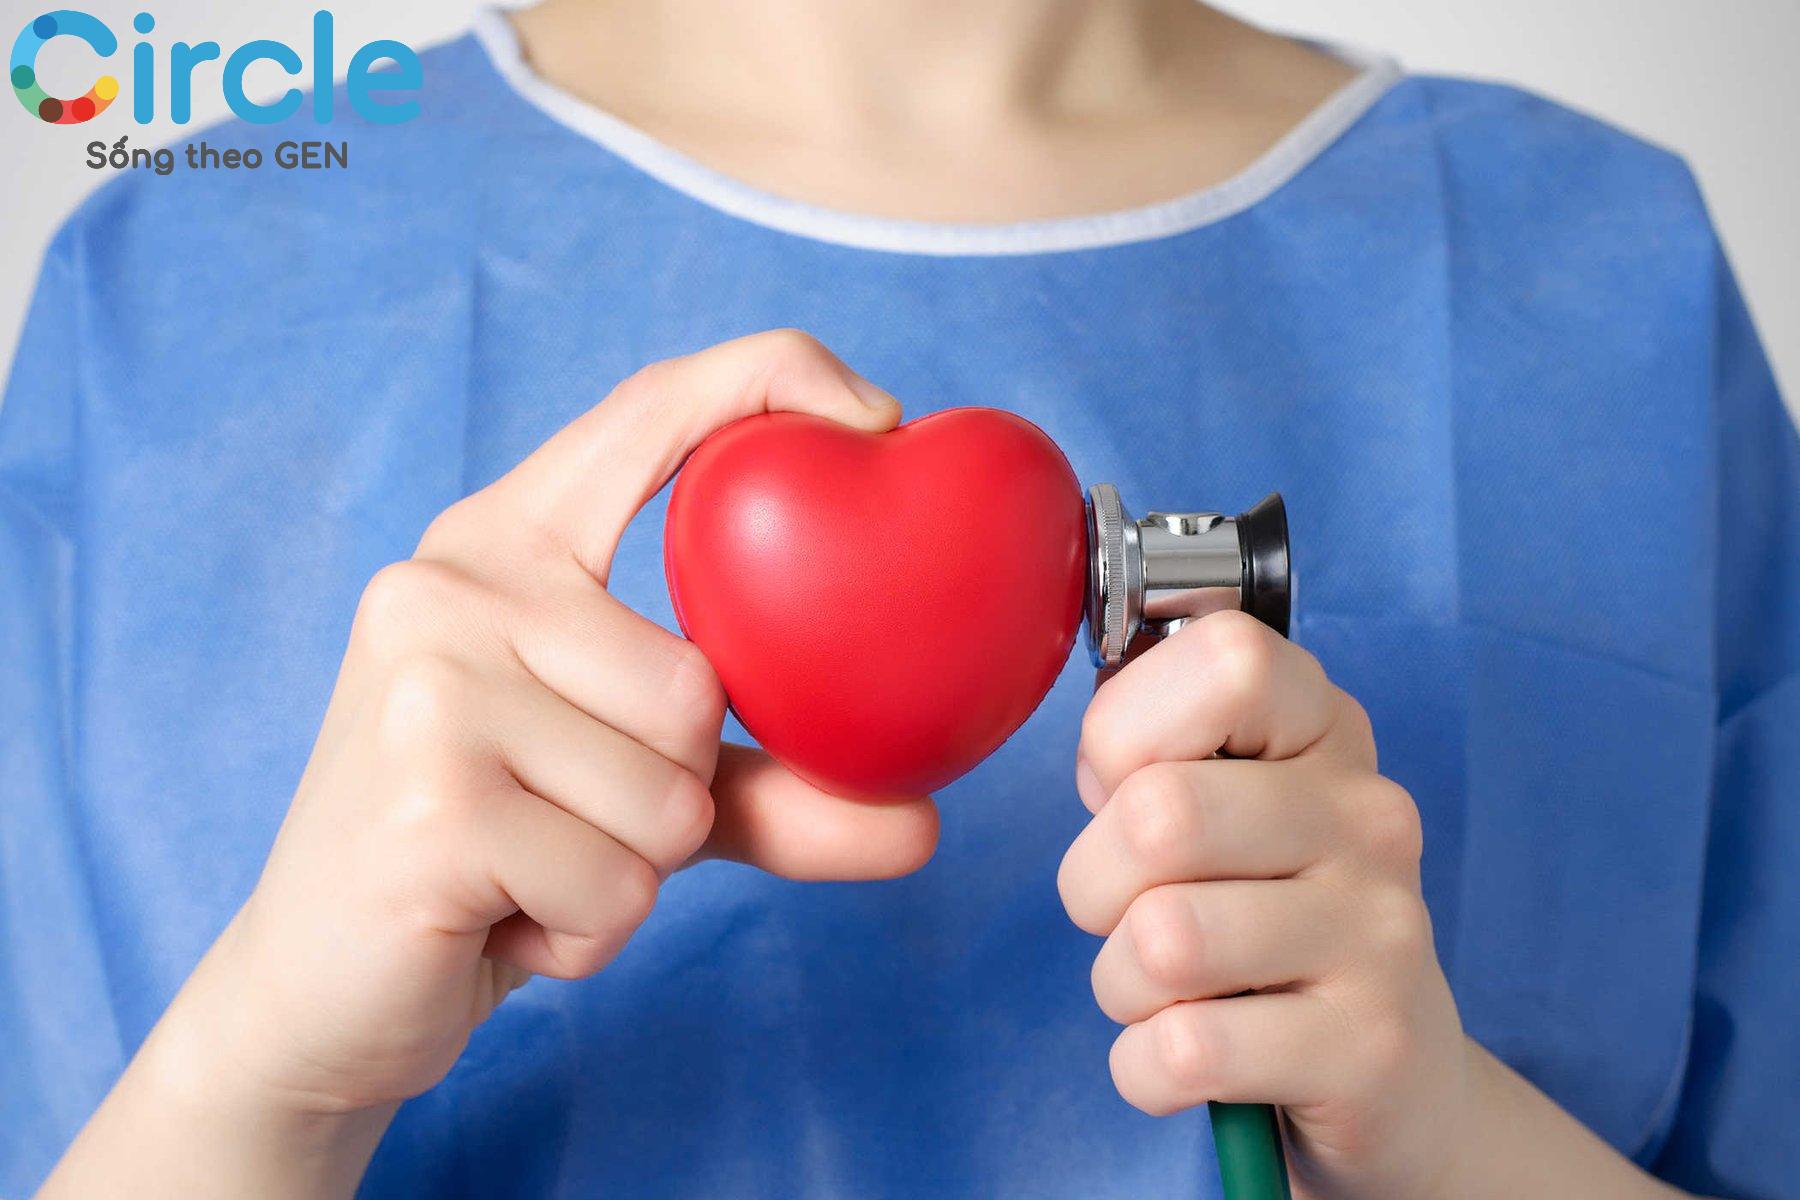 Đừng quên bỏ qua 15 phút ngắn để đọc ngay bài viết kể tên một số bệnh về tim mạchvà cao huyết áp phổ biến, cách nhận biết cũng như phòng ngừa hiệu quả mà CircleDNA chia sẻ dưới đây, bạn nhé!